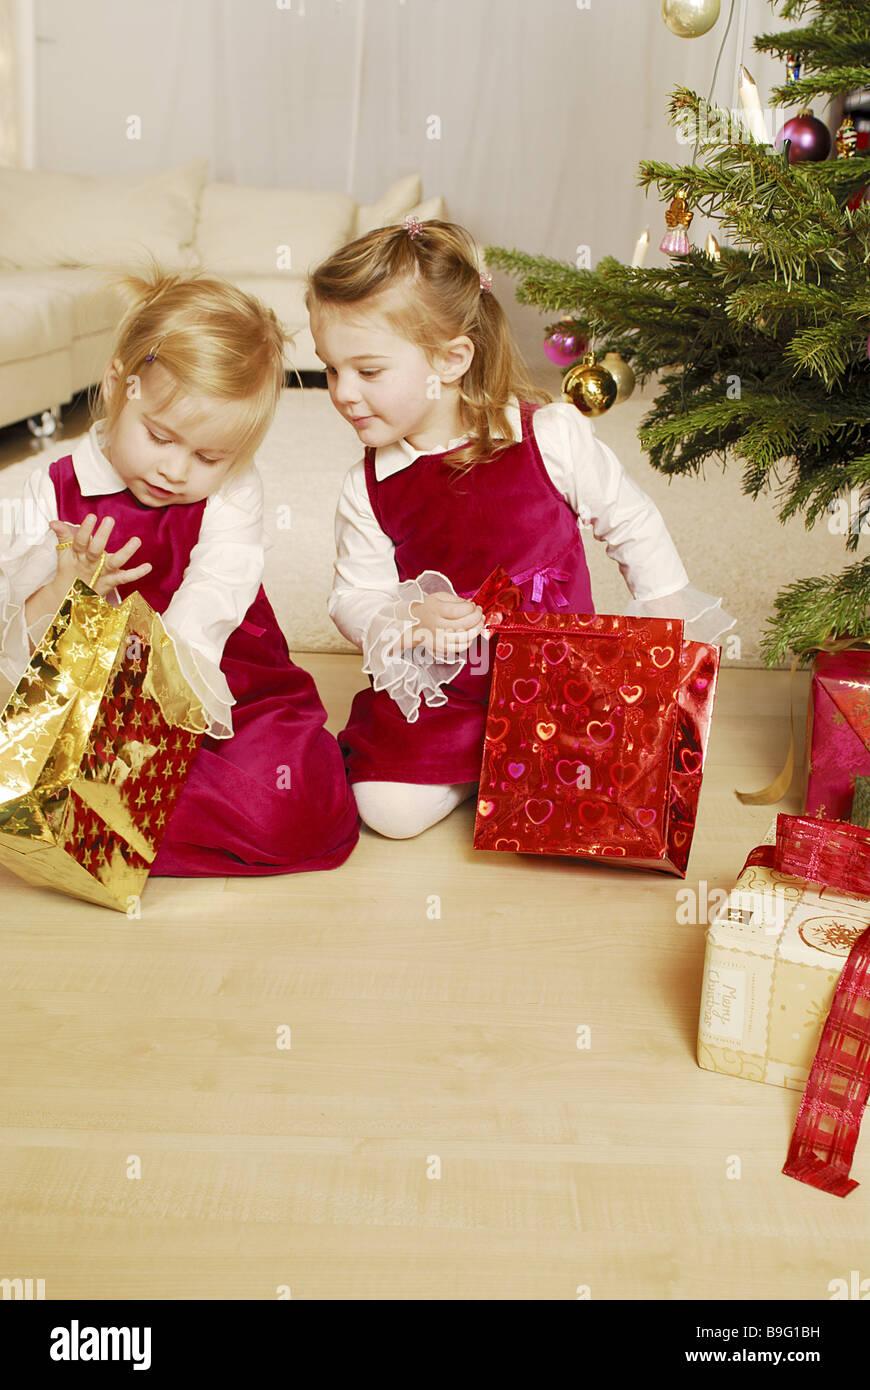 Weihnachtsbaum zwei Weihnachtsgeschenke Vorfreude Auspacken Spannung ...